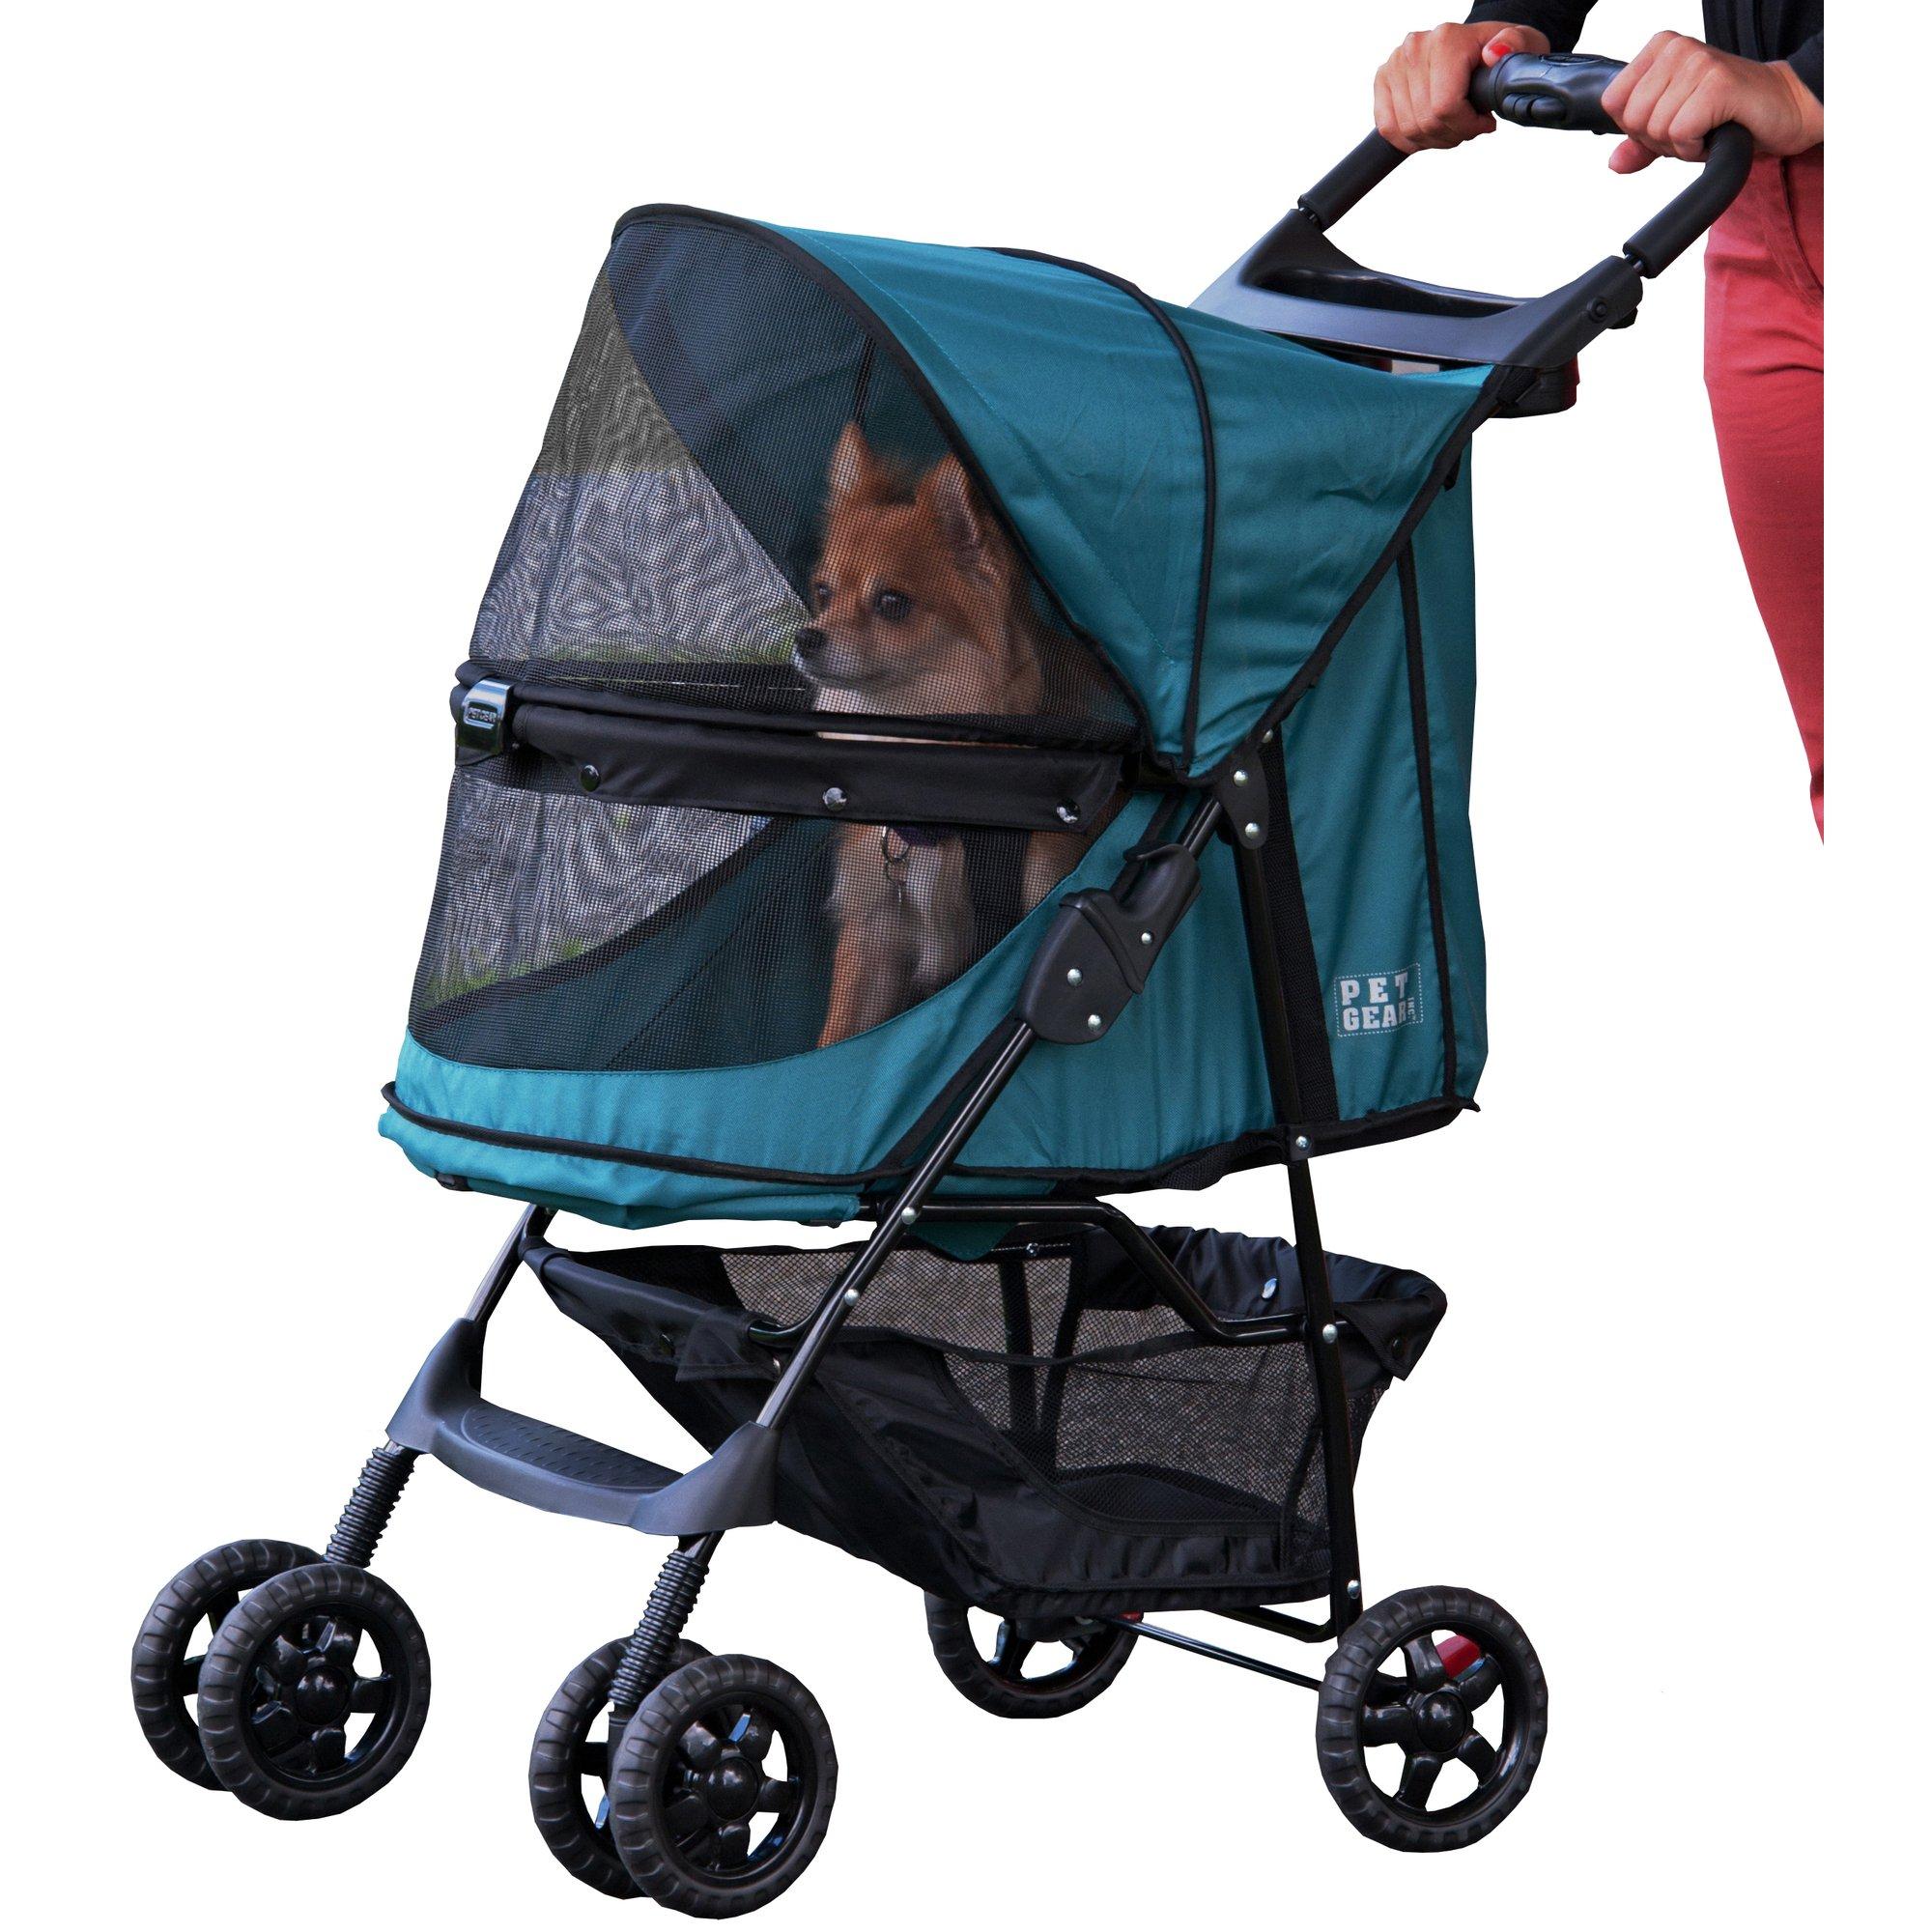 Pet Gear Happy Trails No-Zip Pet Stroller in Emerald | Petco